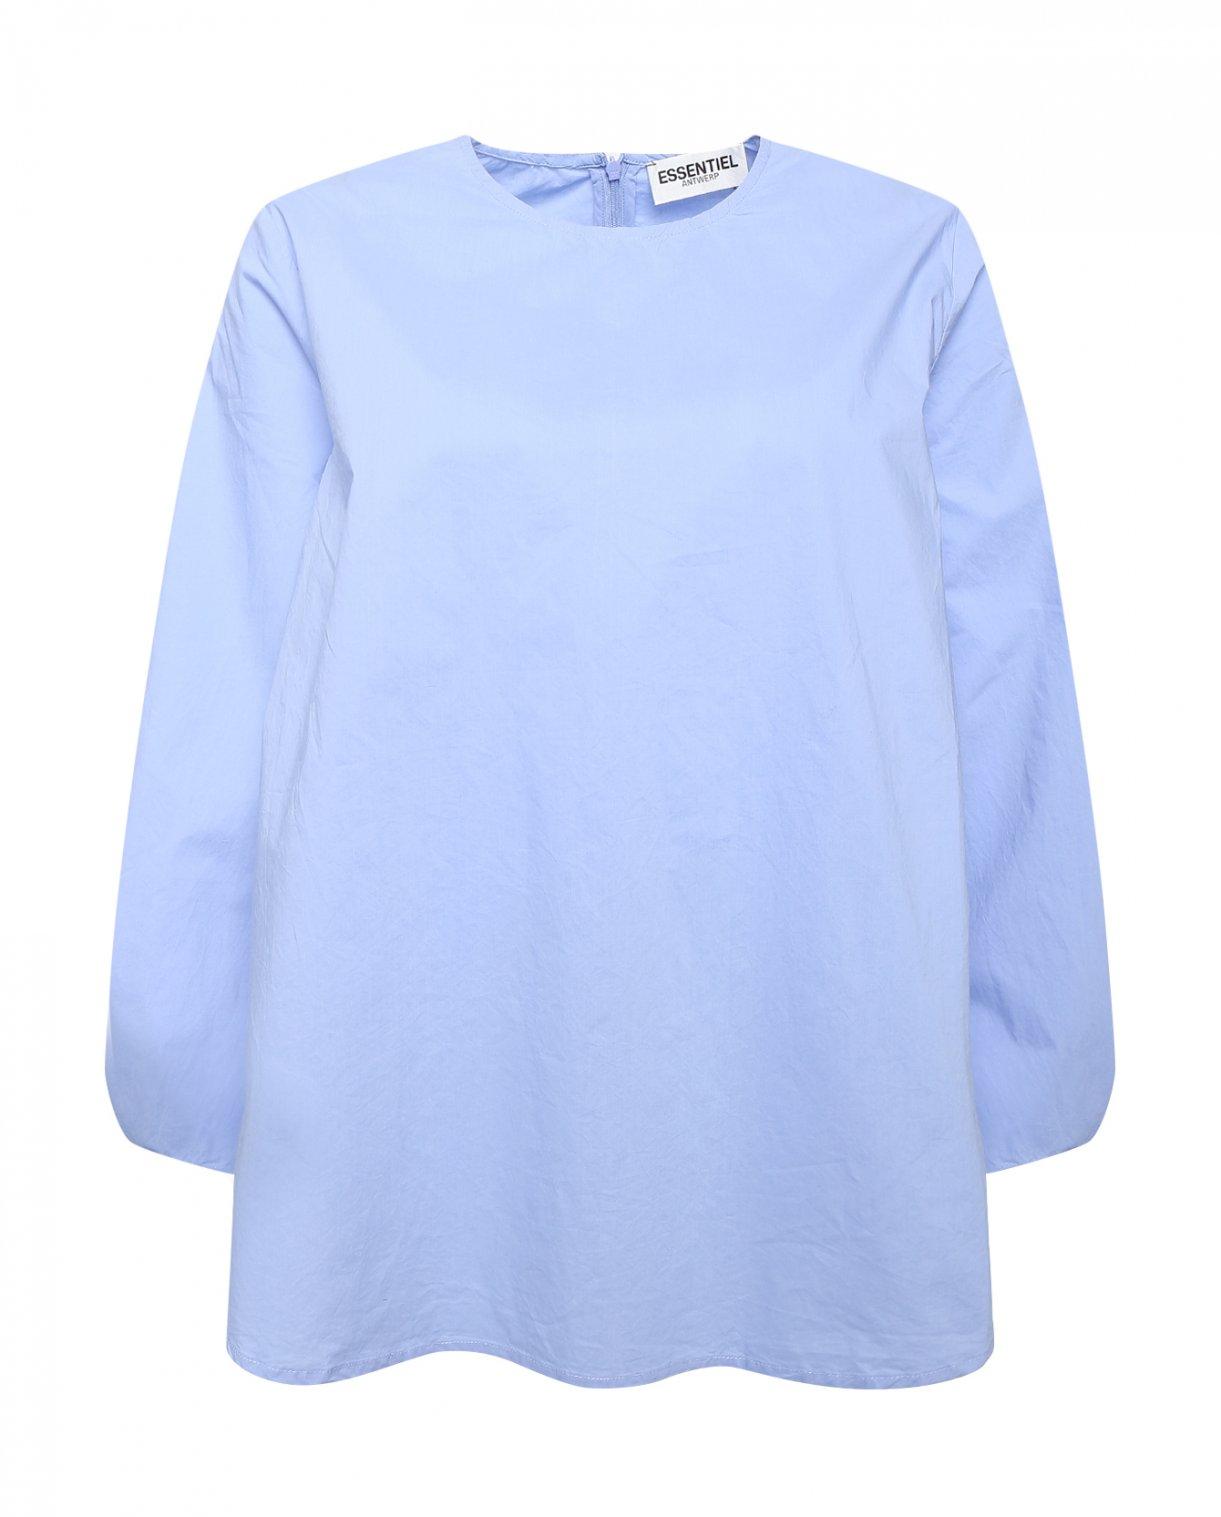 Рубашка из хлопка с длинным рукавом Essentiel Antwerp  –  Общий вид  – Цвет:  Фиолетовый